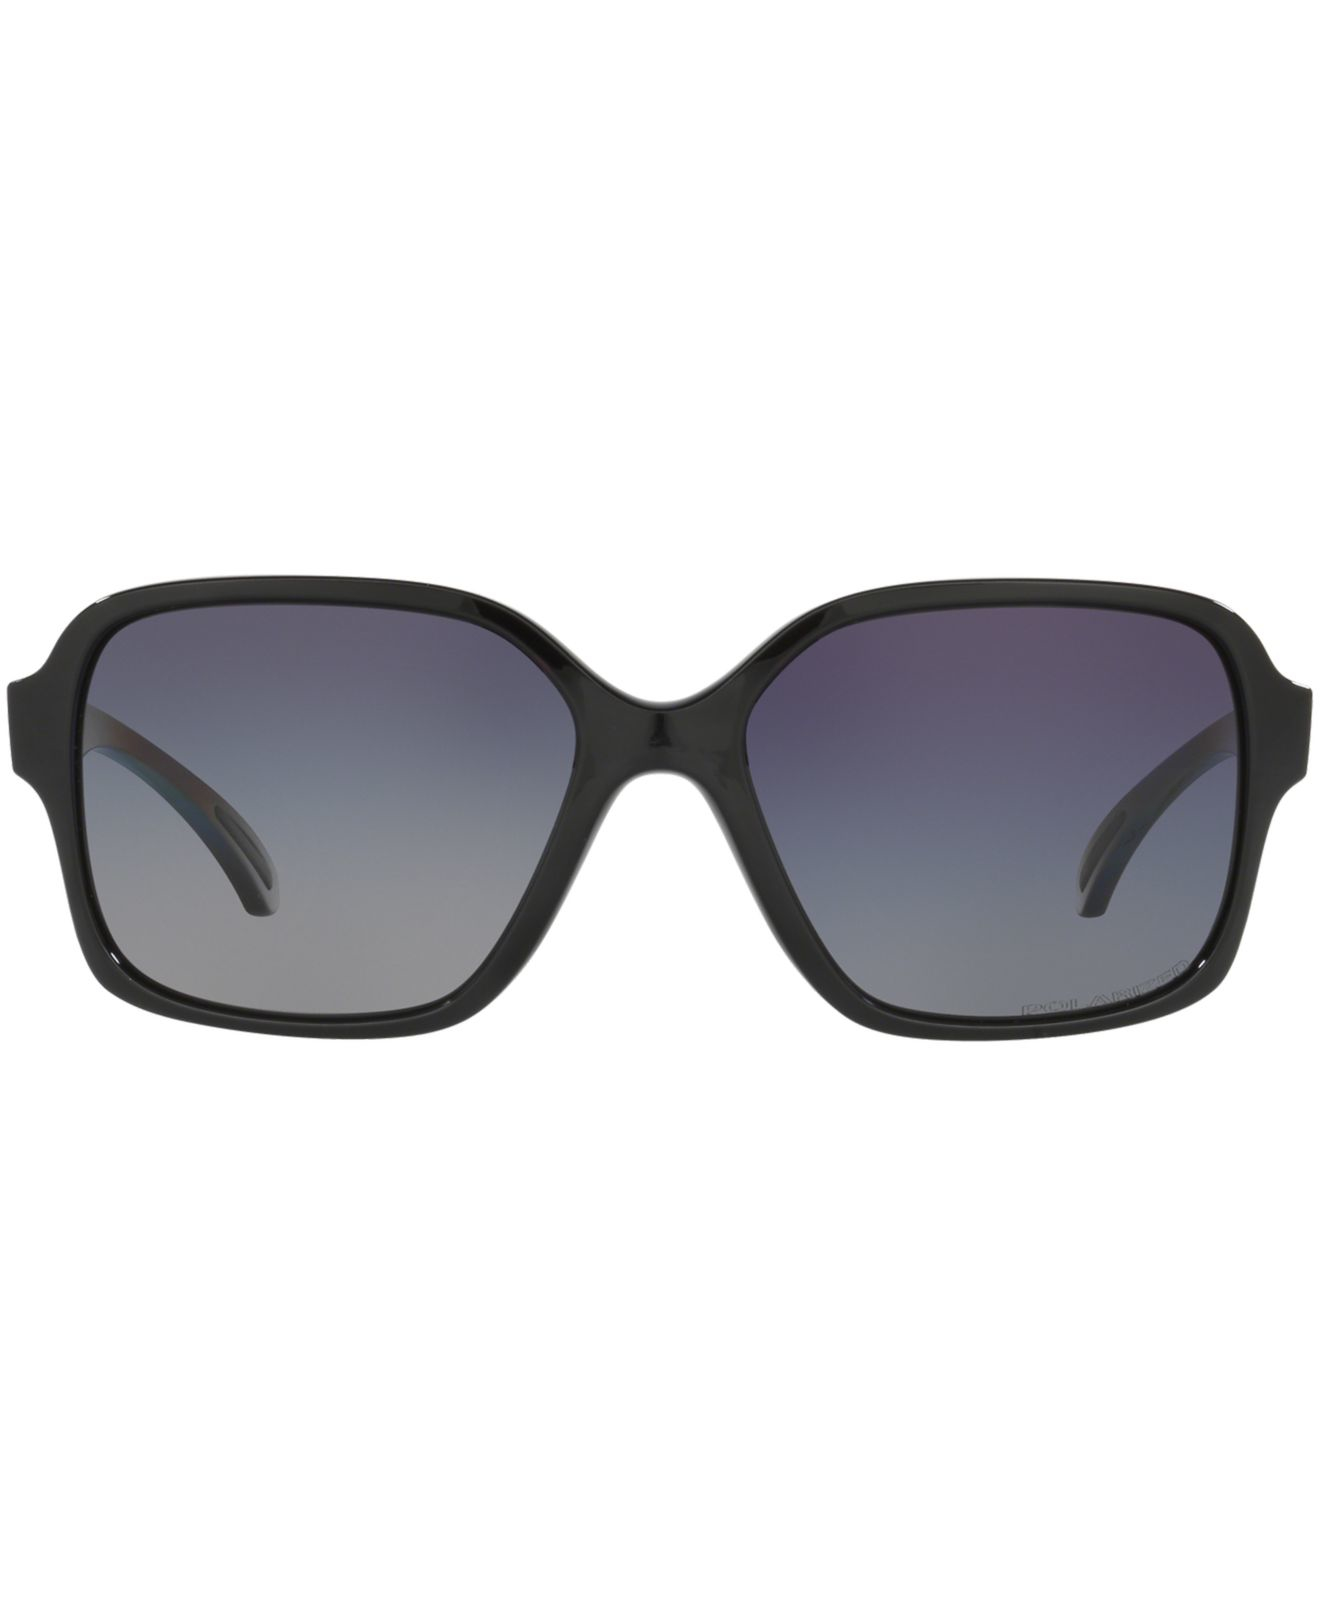 Oakley Medical Glasses